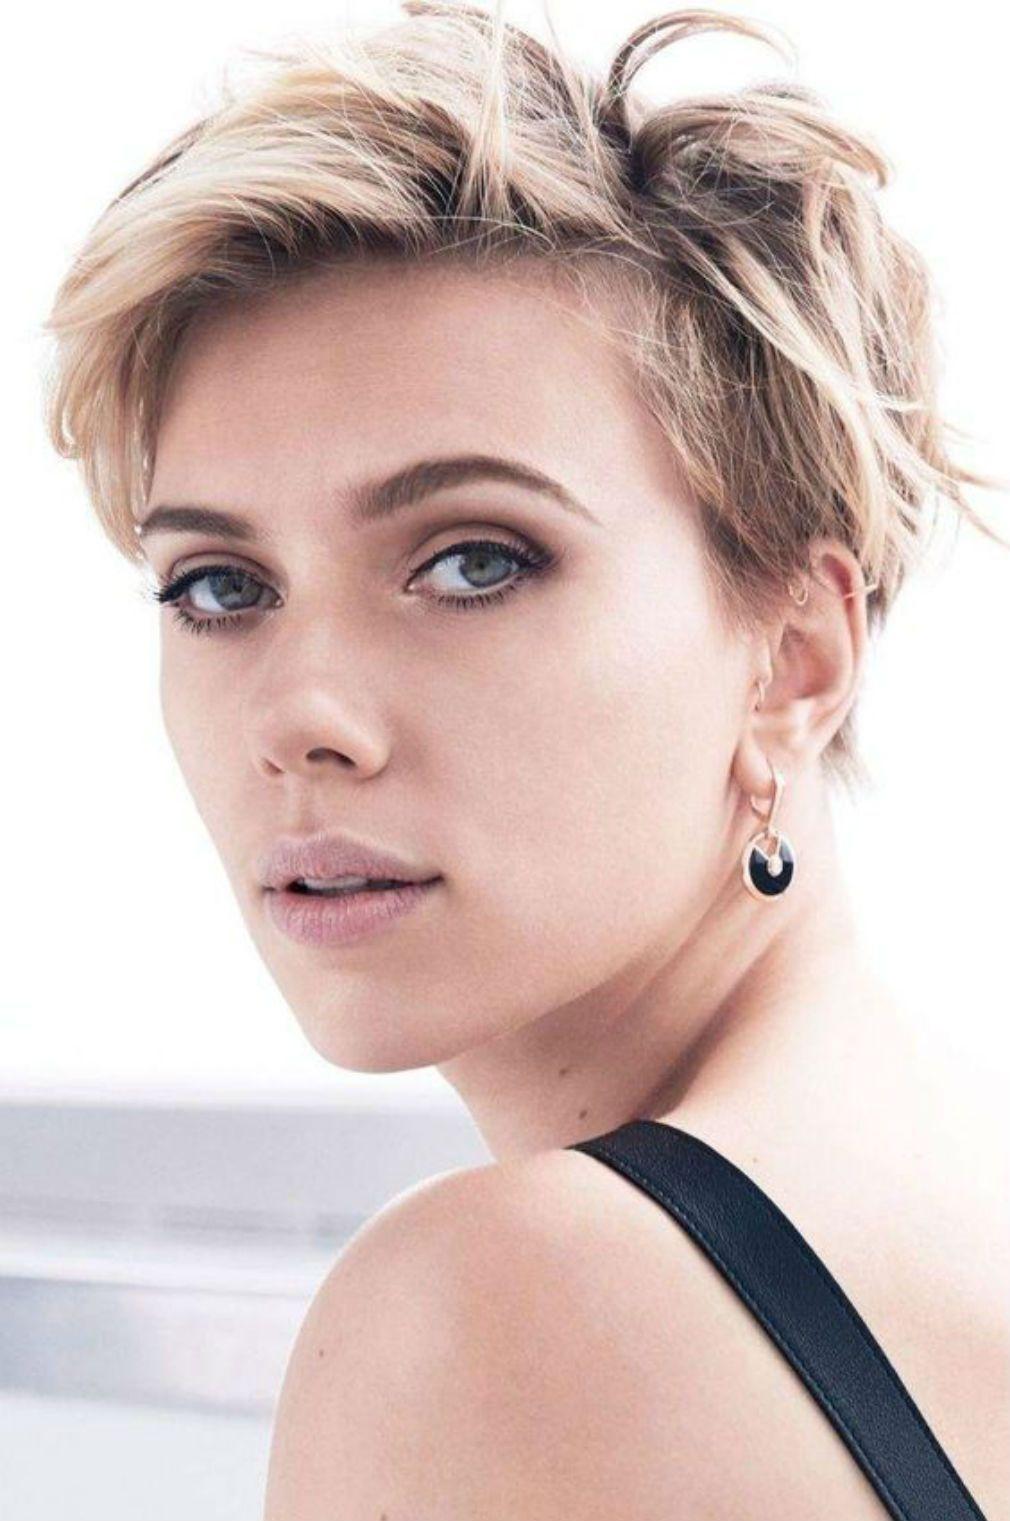 Liste : Les +20 top photos de coiffures courtes femmes 2020 - LiloBijoux - Bijoux Fantasie ...